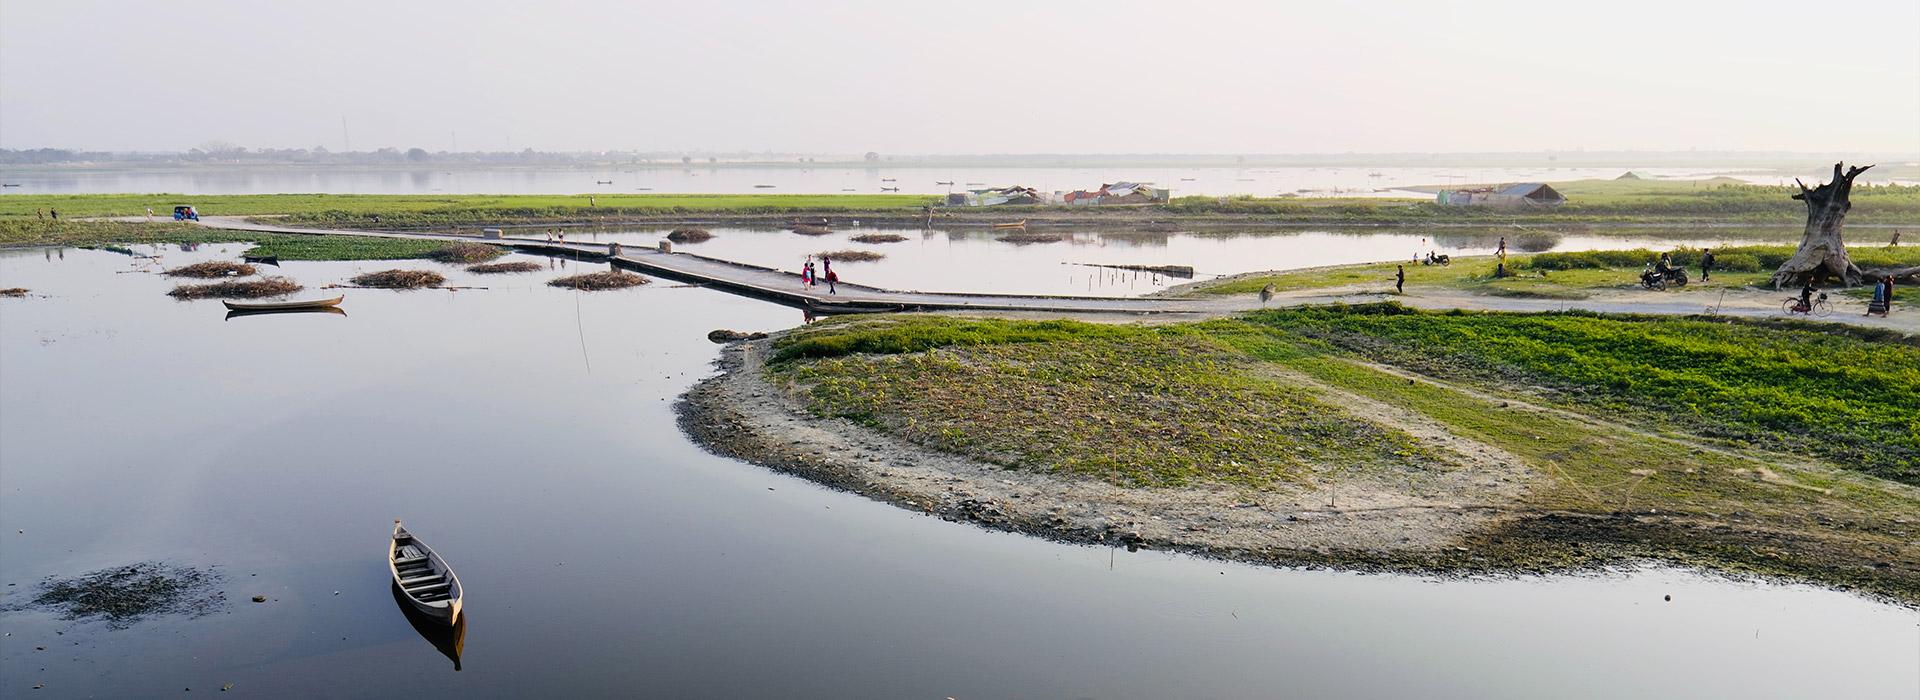 Reisen nach Myanmar - Individuelle Reisen nach Myanmar - Harry Kolb AG - Tourismus